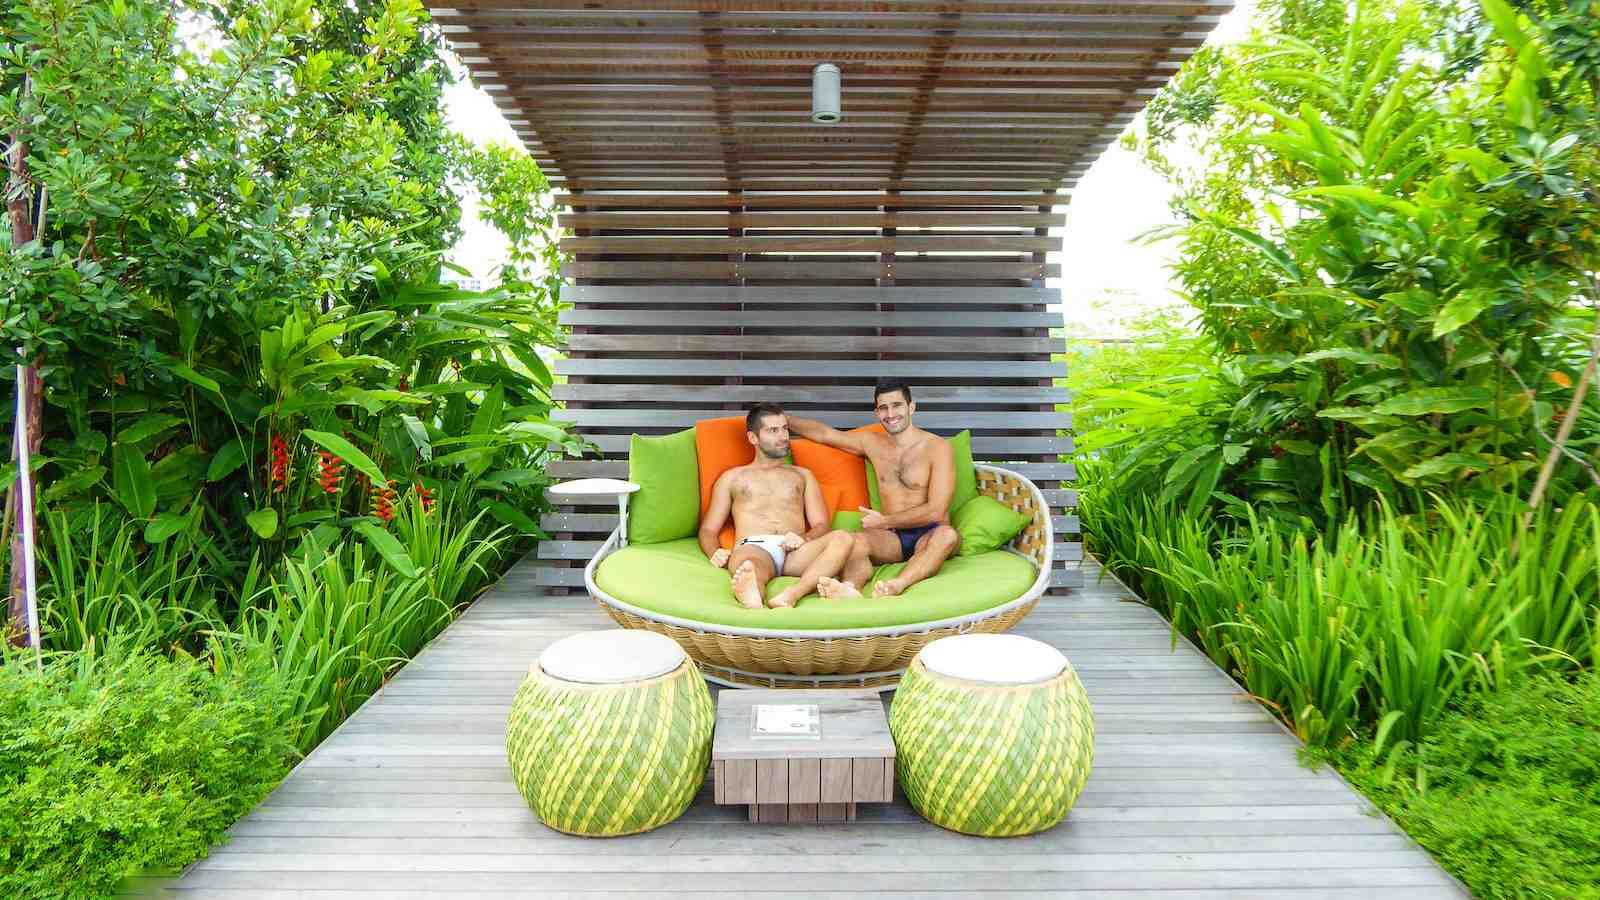 L'hôtel Jen est un excellent choix pour les voyageurs gays à Singapour qui veulent être près du quartier commercial mais aiment aussi passer du temps près de la piscine sur le toit